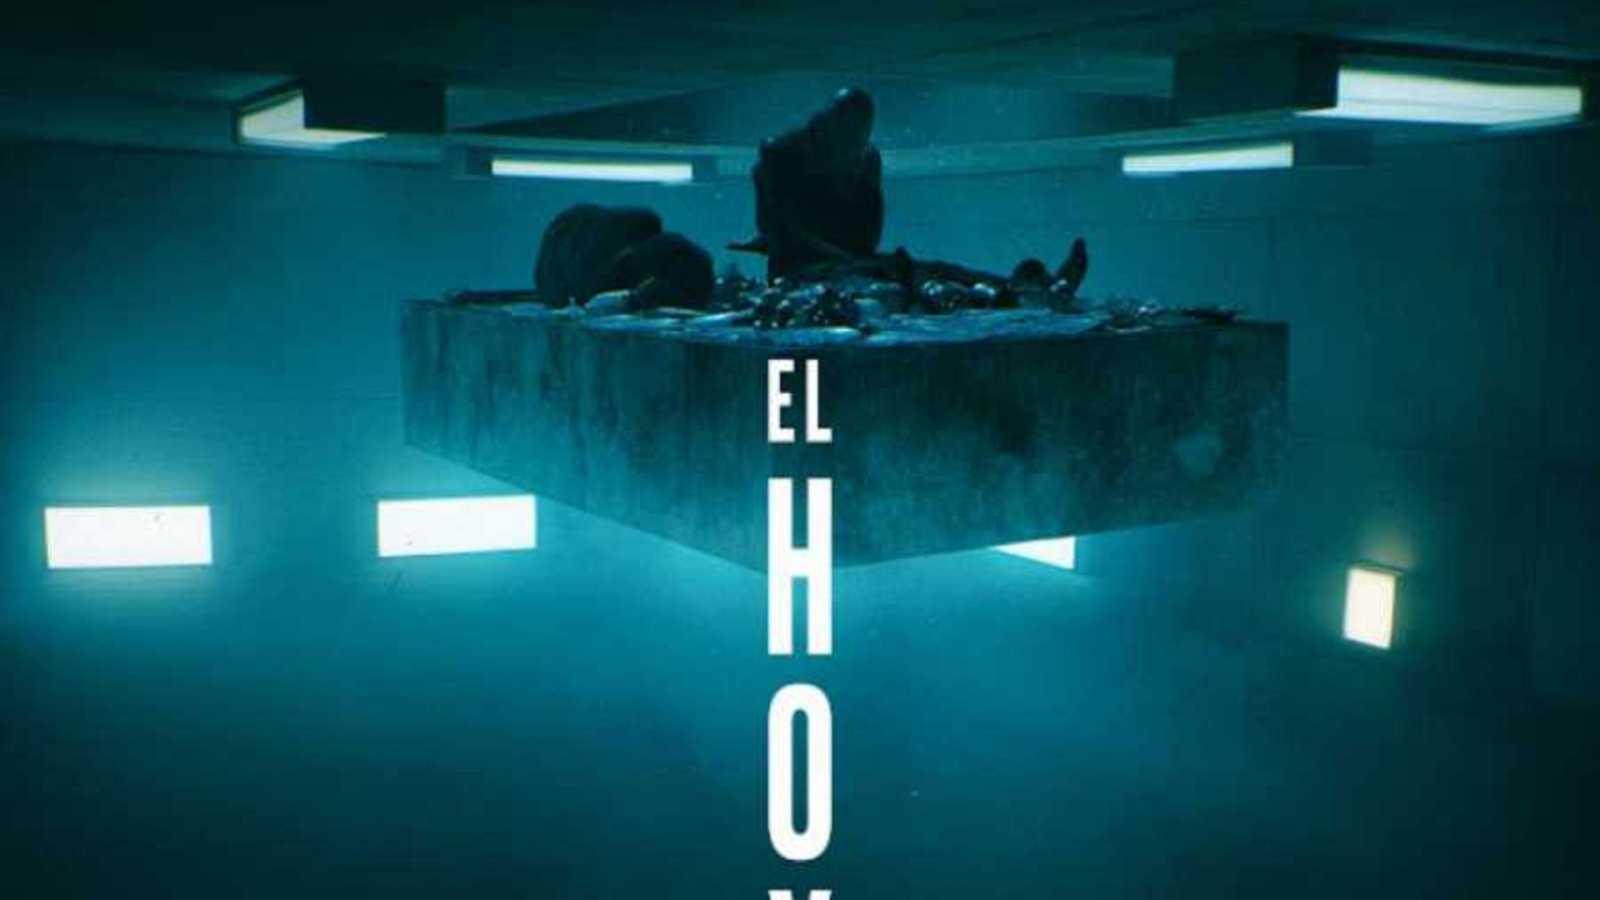 De cine - 'El hoyo', fenómeno también en Corea del Sur - 25/05/20 - Escuchar ahora